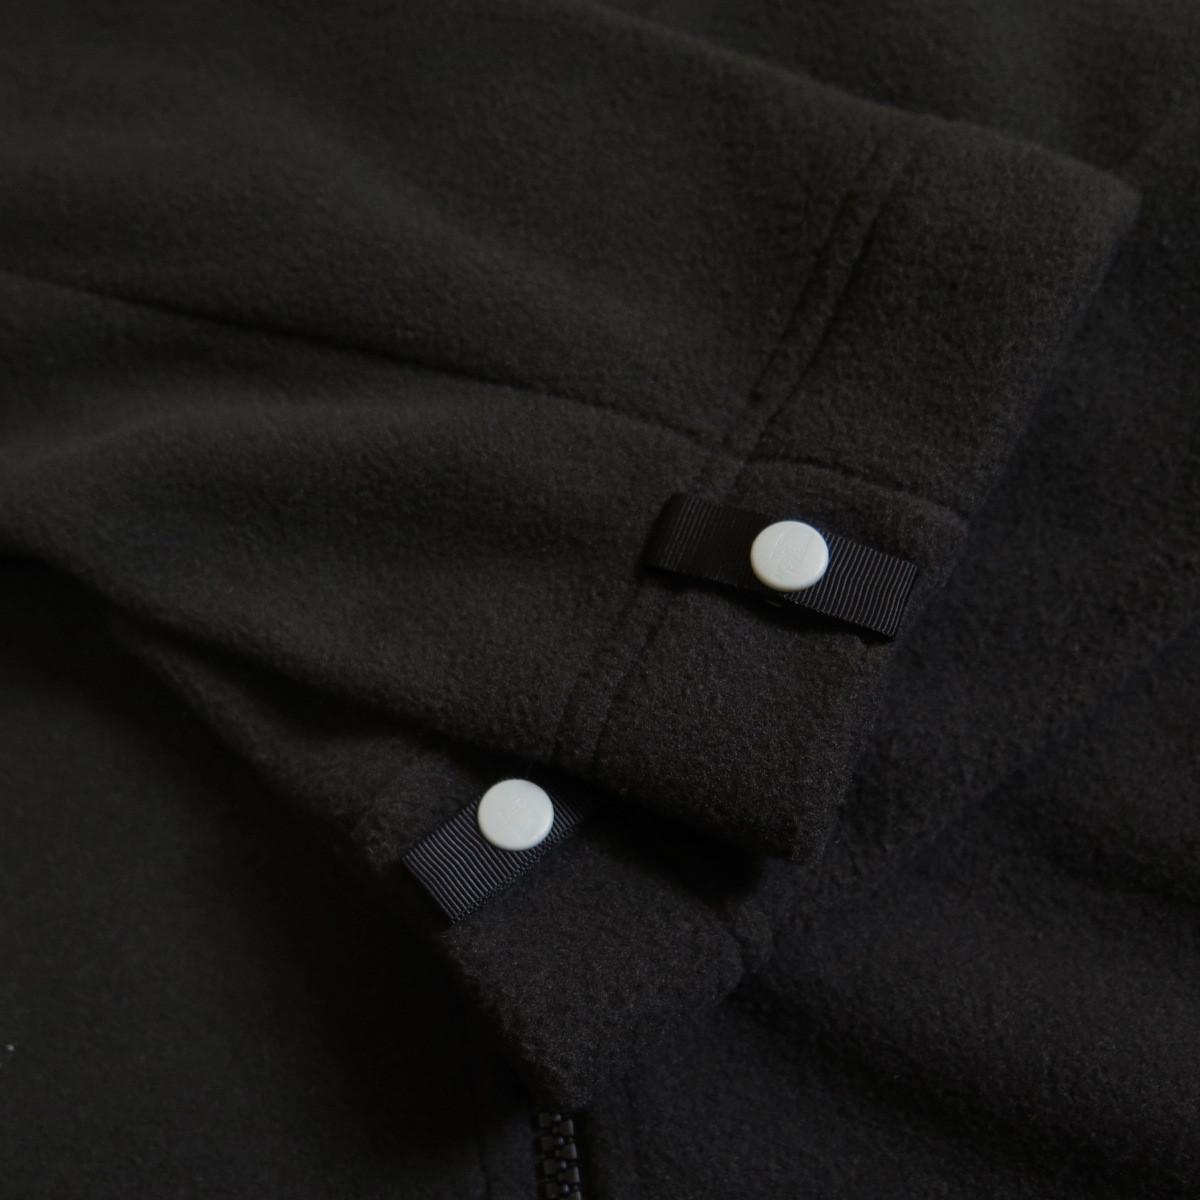 新品☆本物 USAモデル THE NORTH FACE 300 TUNDRA FLEECE JACKET Sサイズ ノースフェイス フリースジャケット BLACK アメリカ購入_画像8